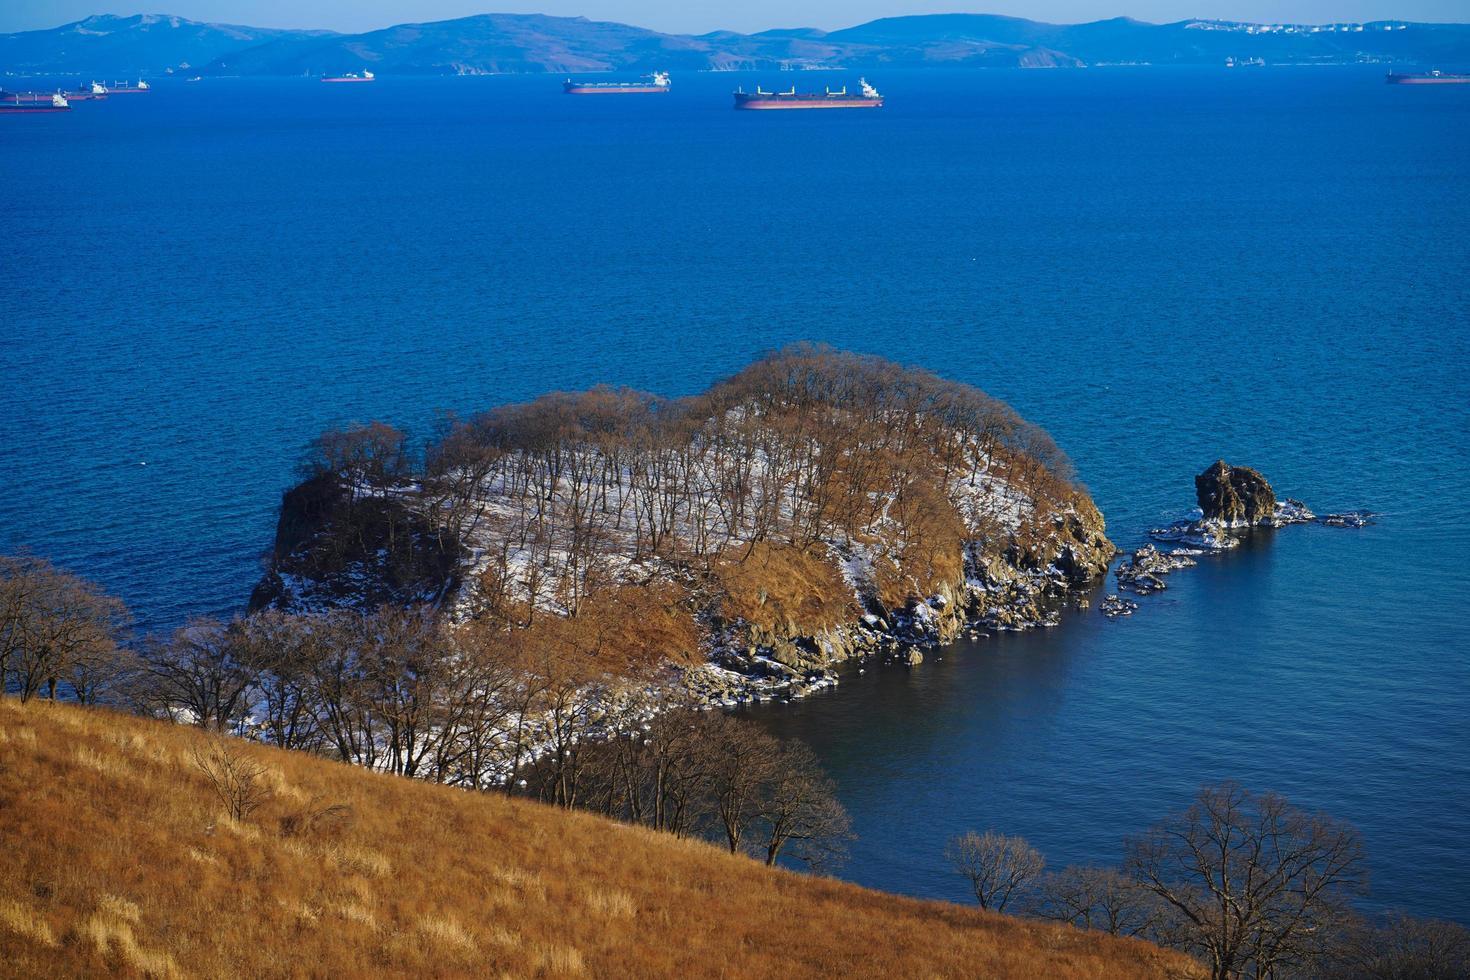 paesaggio naturale con vista sulla baia di nakhodka. foto